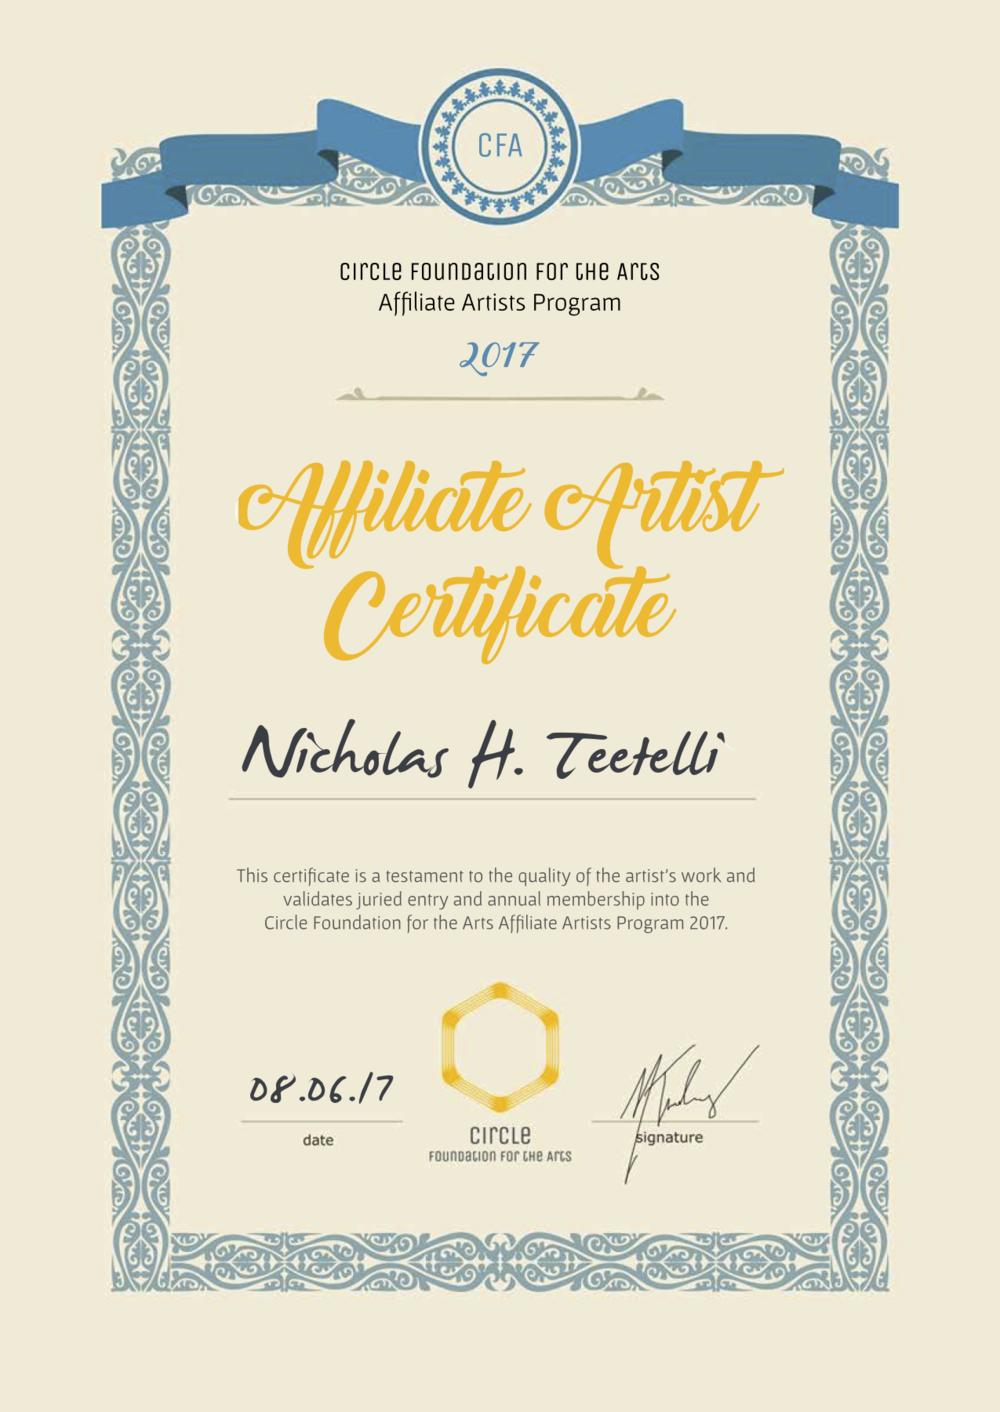 2017-06 CFA Affiliate Certificate - Nicholas Teetelli.png